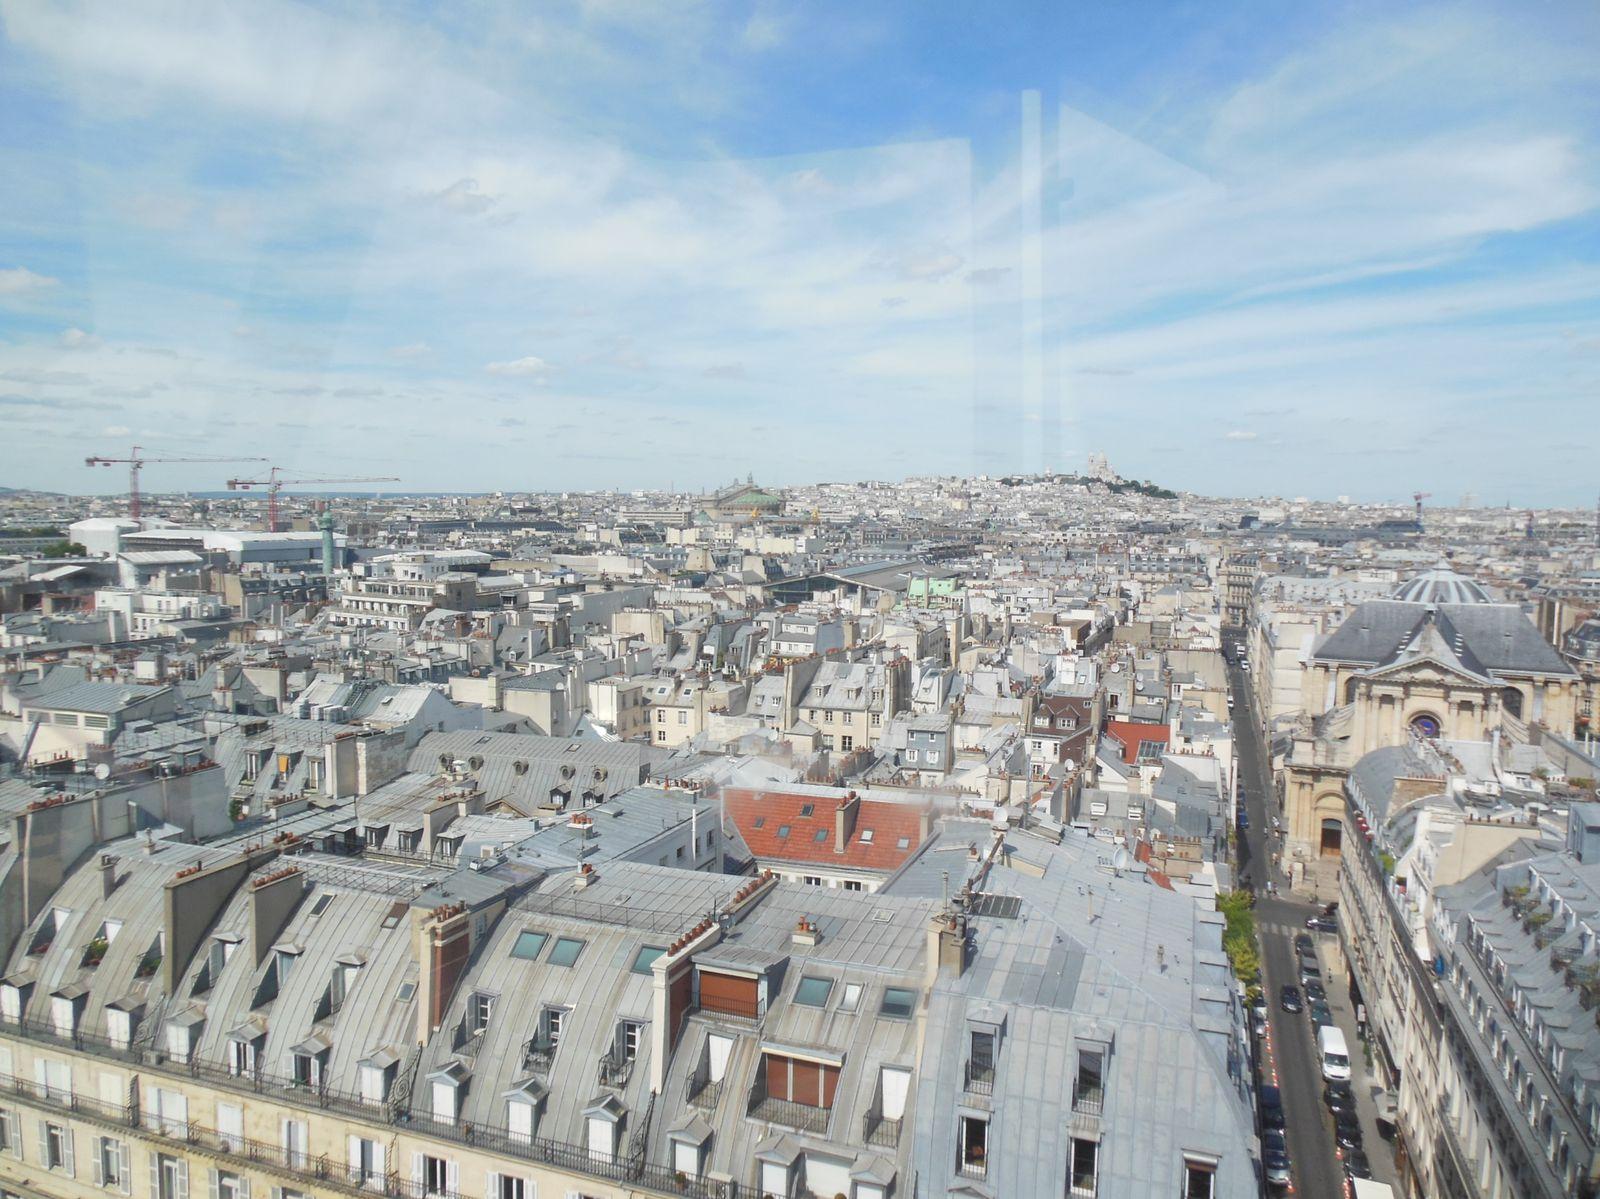 Paris ♥ (L'Opéra de Paris, Place Vendôme, Le Jardin des Tuileries, La vue de la Grande Roue, La Tour Eiffel...)